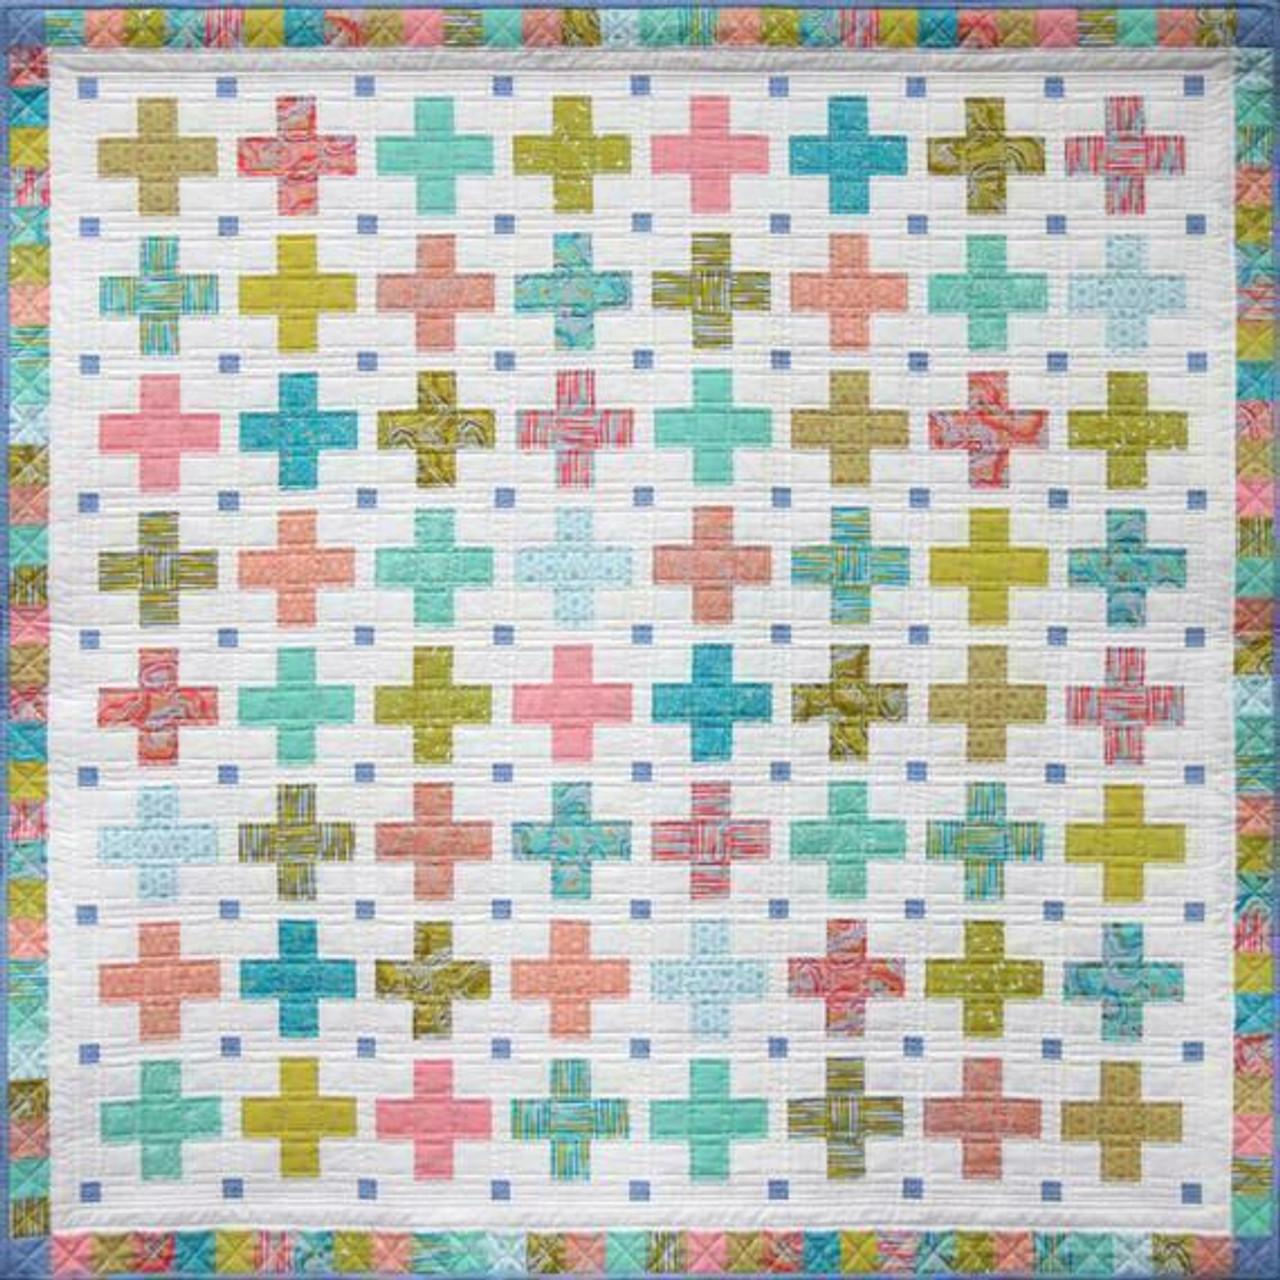 Little Crosses Quilt Starter